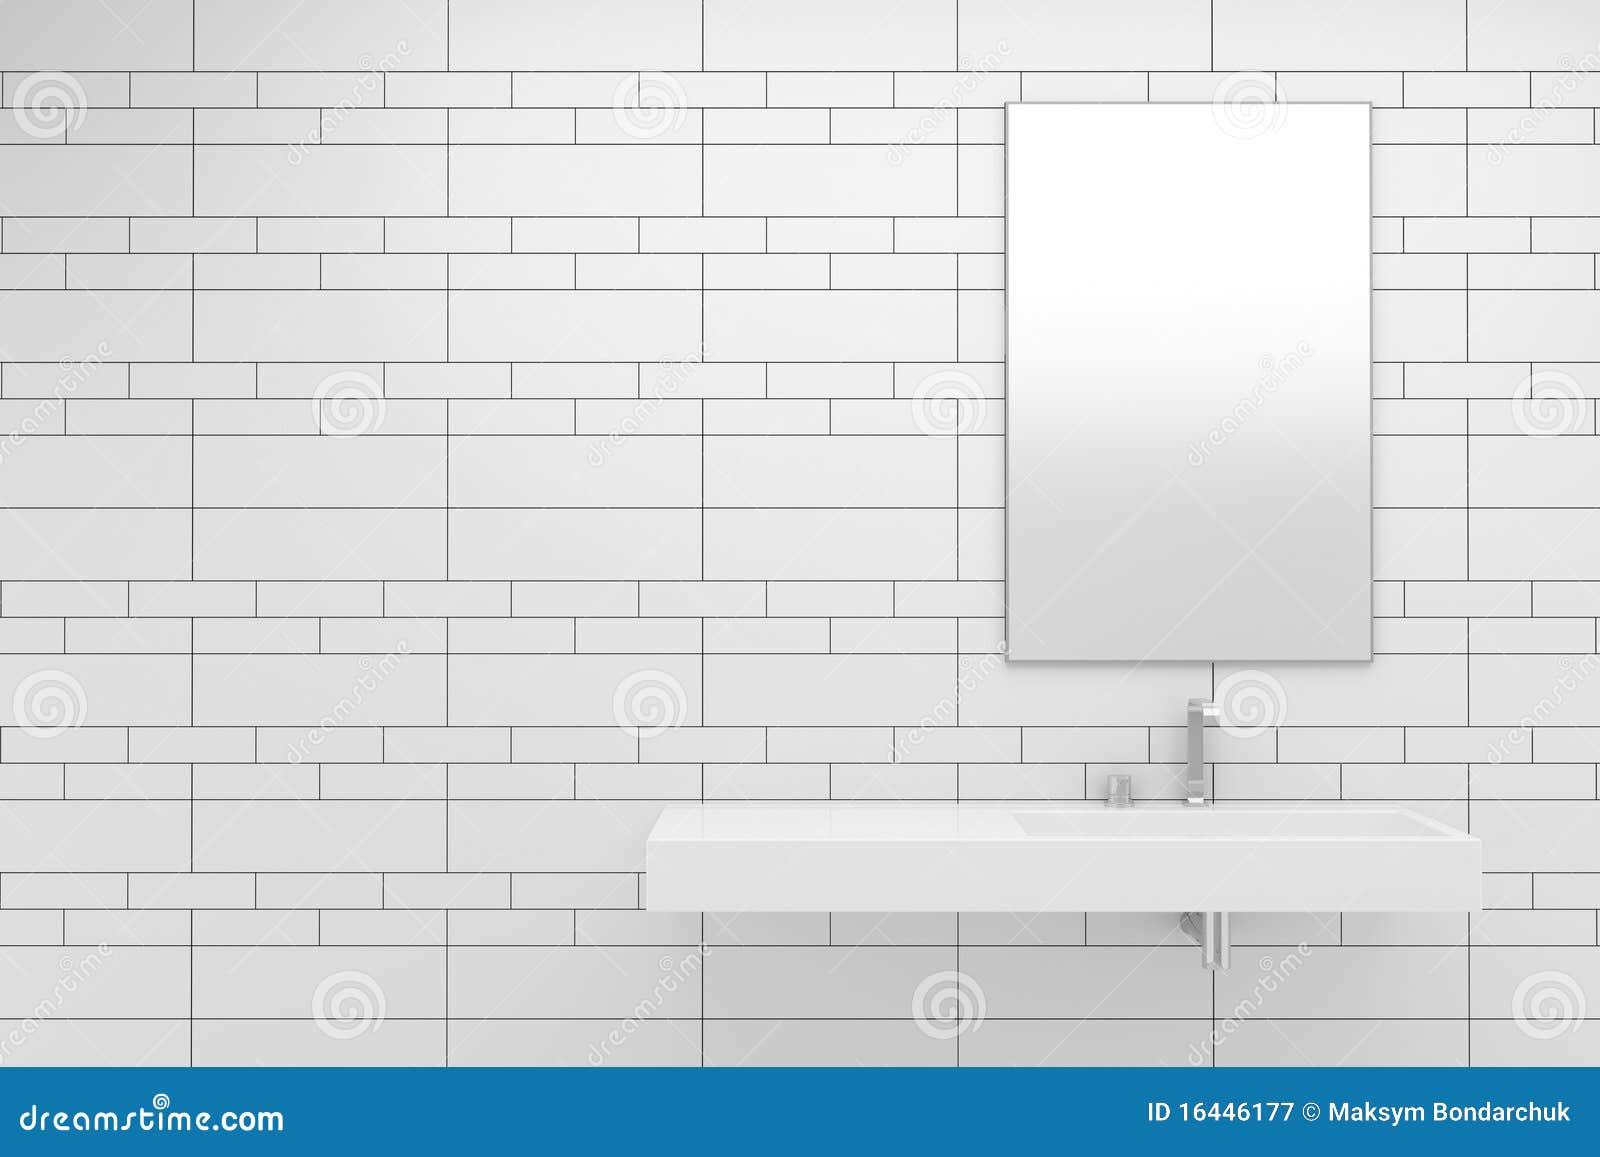 modernes badezimmer mit weißen fliesen lizenzfreie stockfotografie, Hause ideen